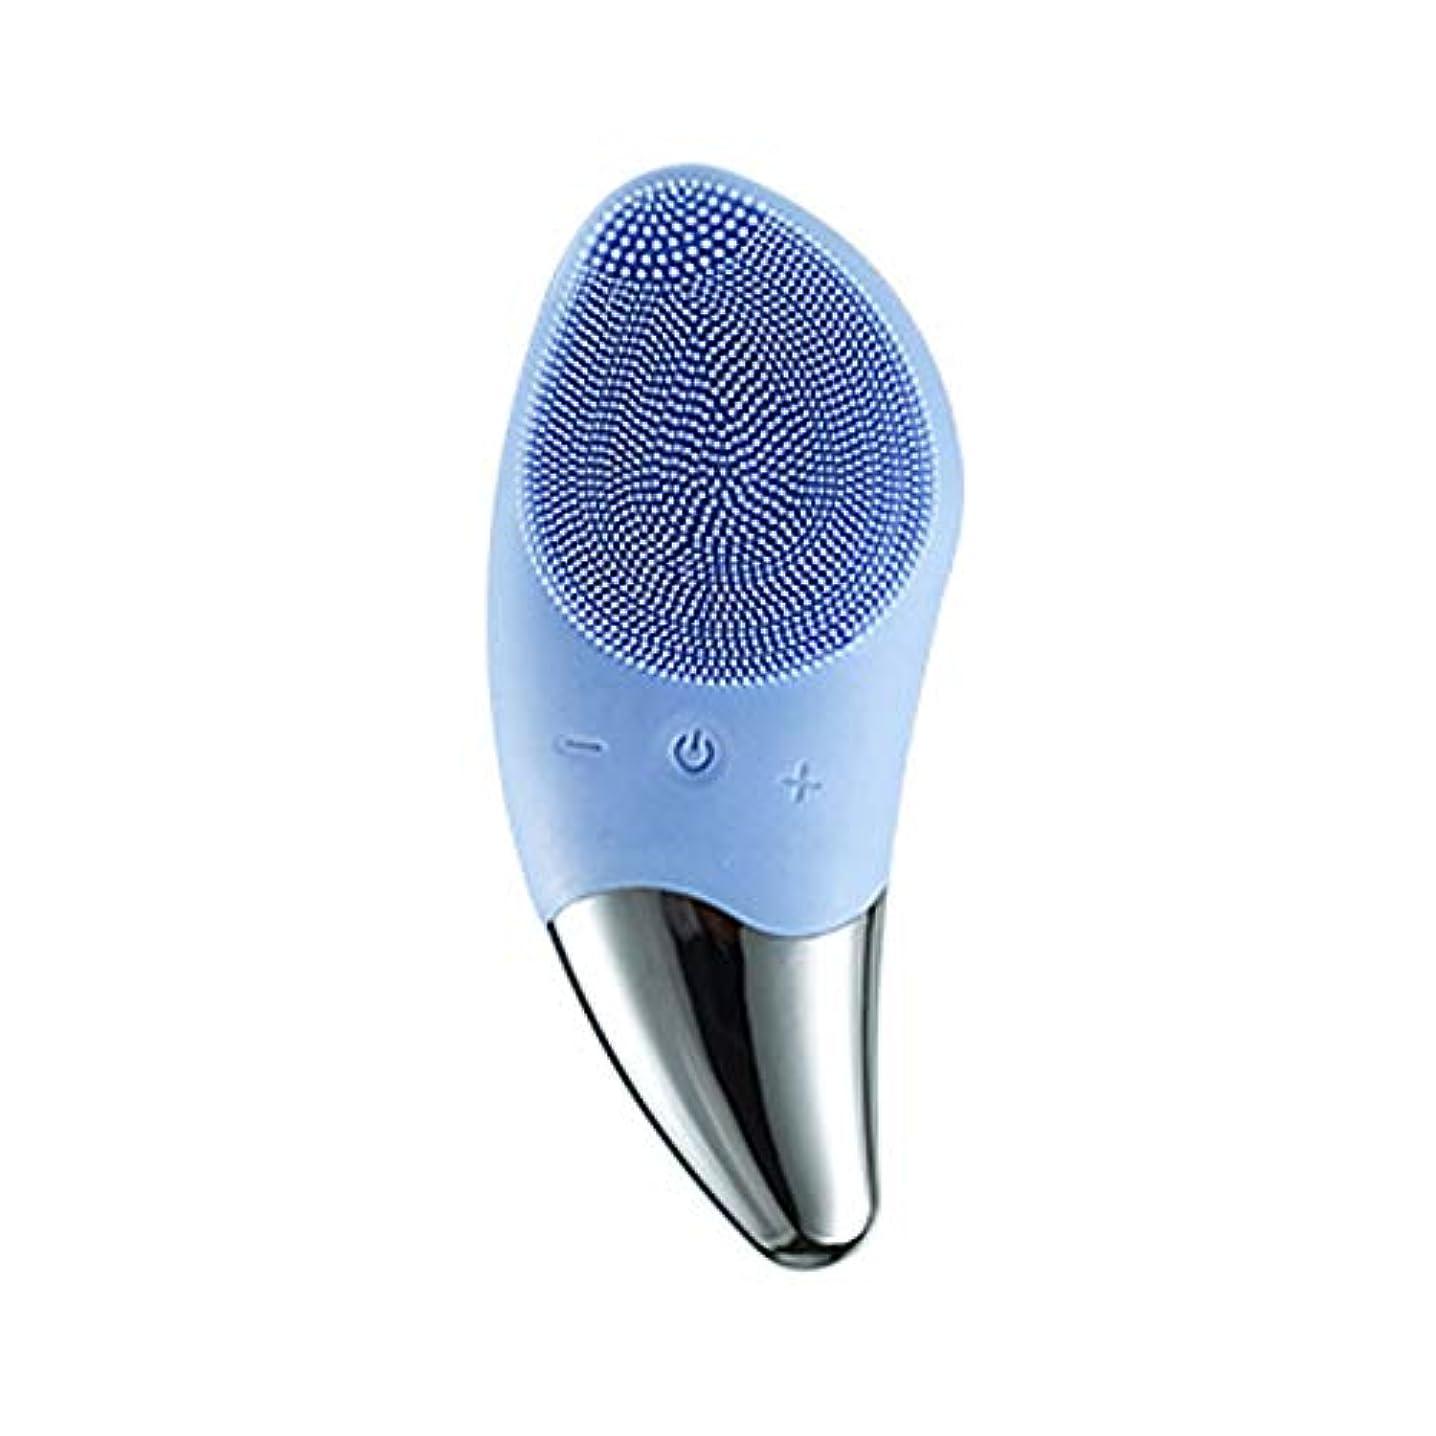 抑止する見つけた色合いLYX オールスキンタイプクリーナーエレクトリックシリコーンクリーナー洗顔ケアマッサージ美容インストゥルメント (Color : 青)